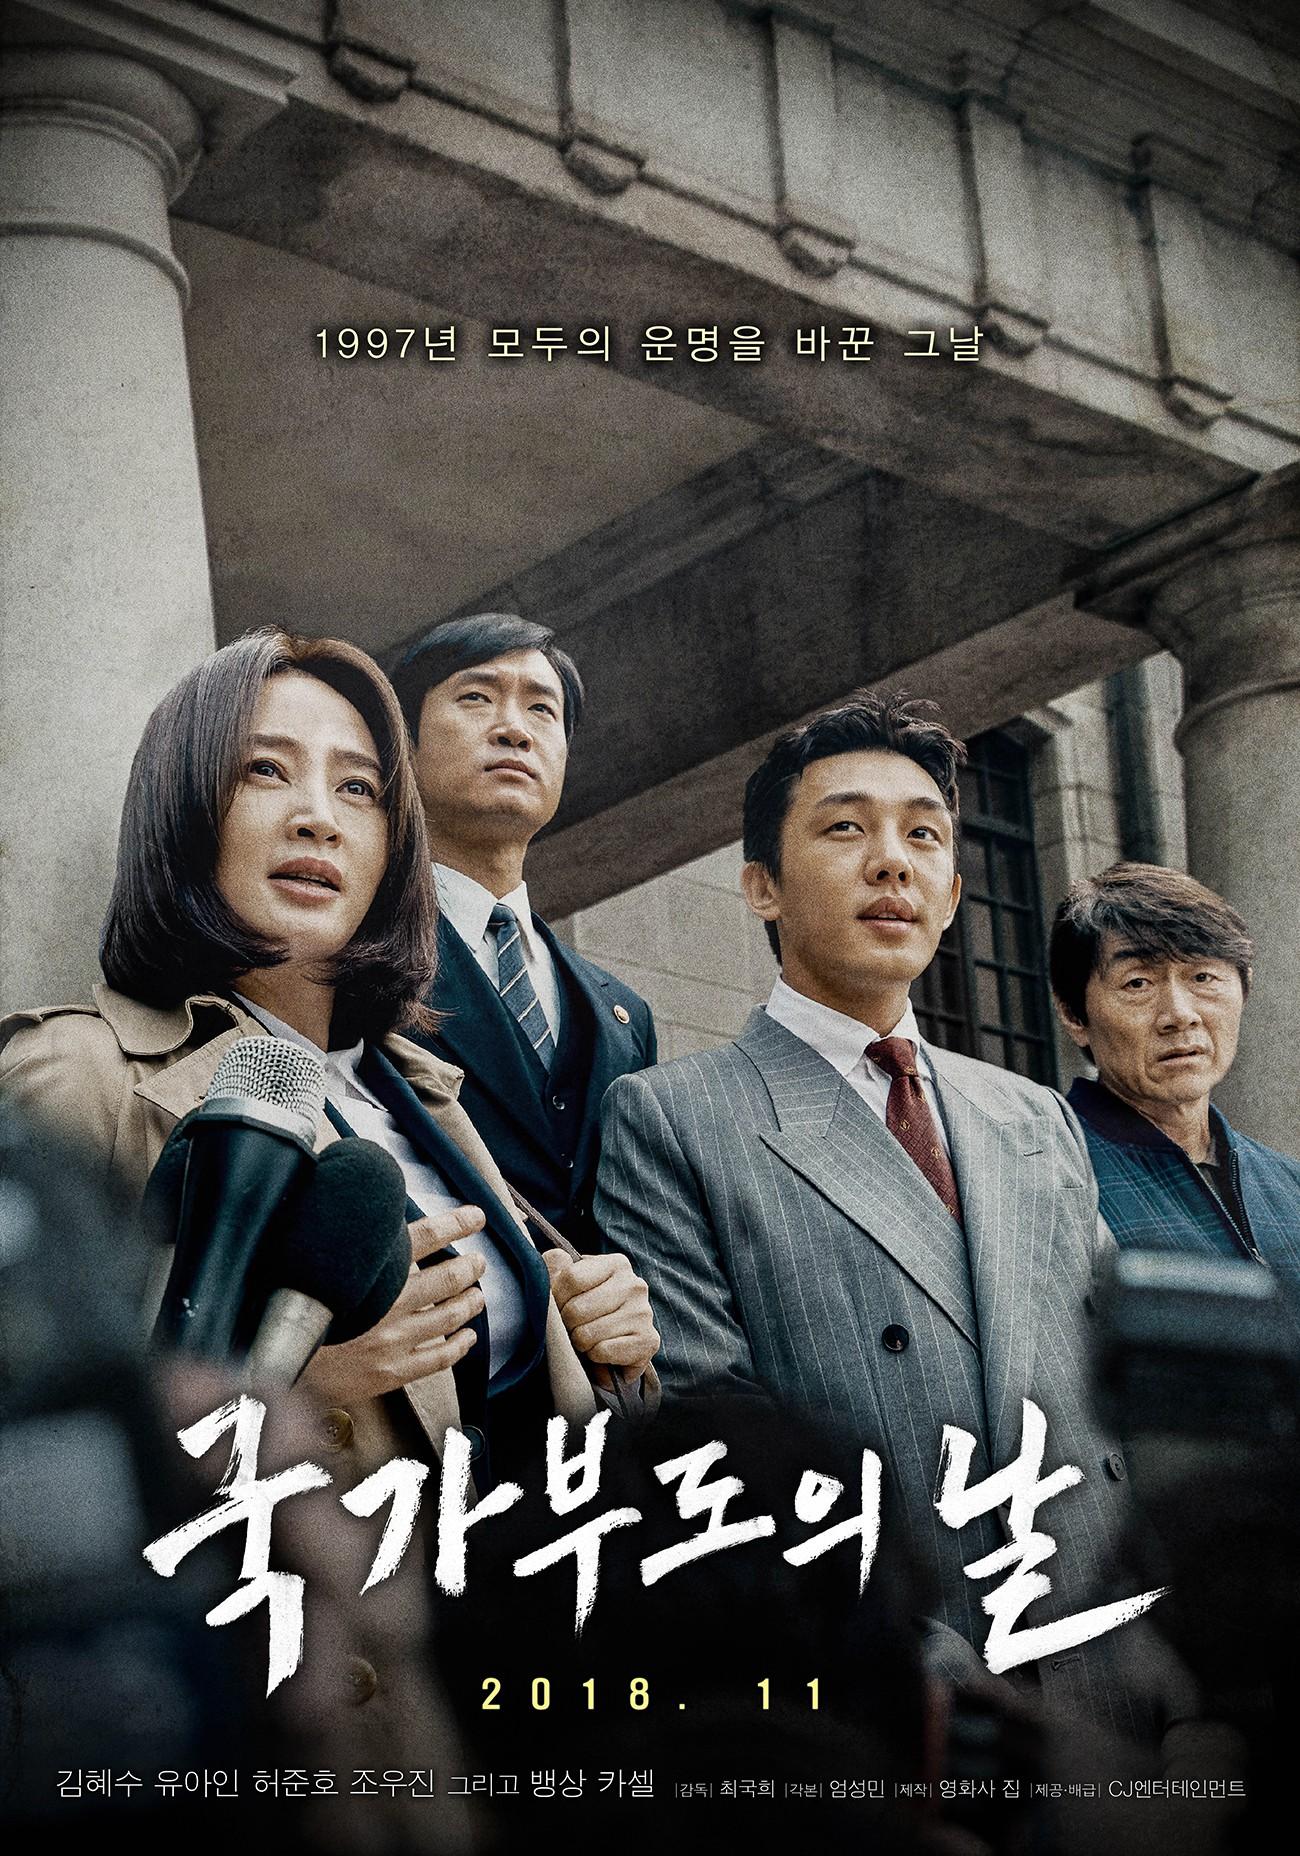 Tháng 11 phòng vé Hàn Quốc chào đón Yoo Ah In và Kim Hye Soo - Ảnh 15.